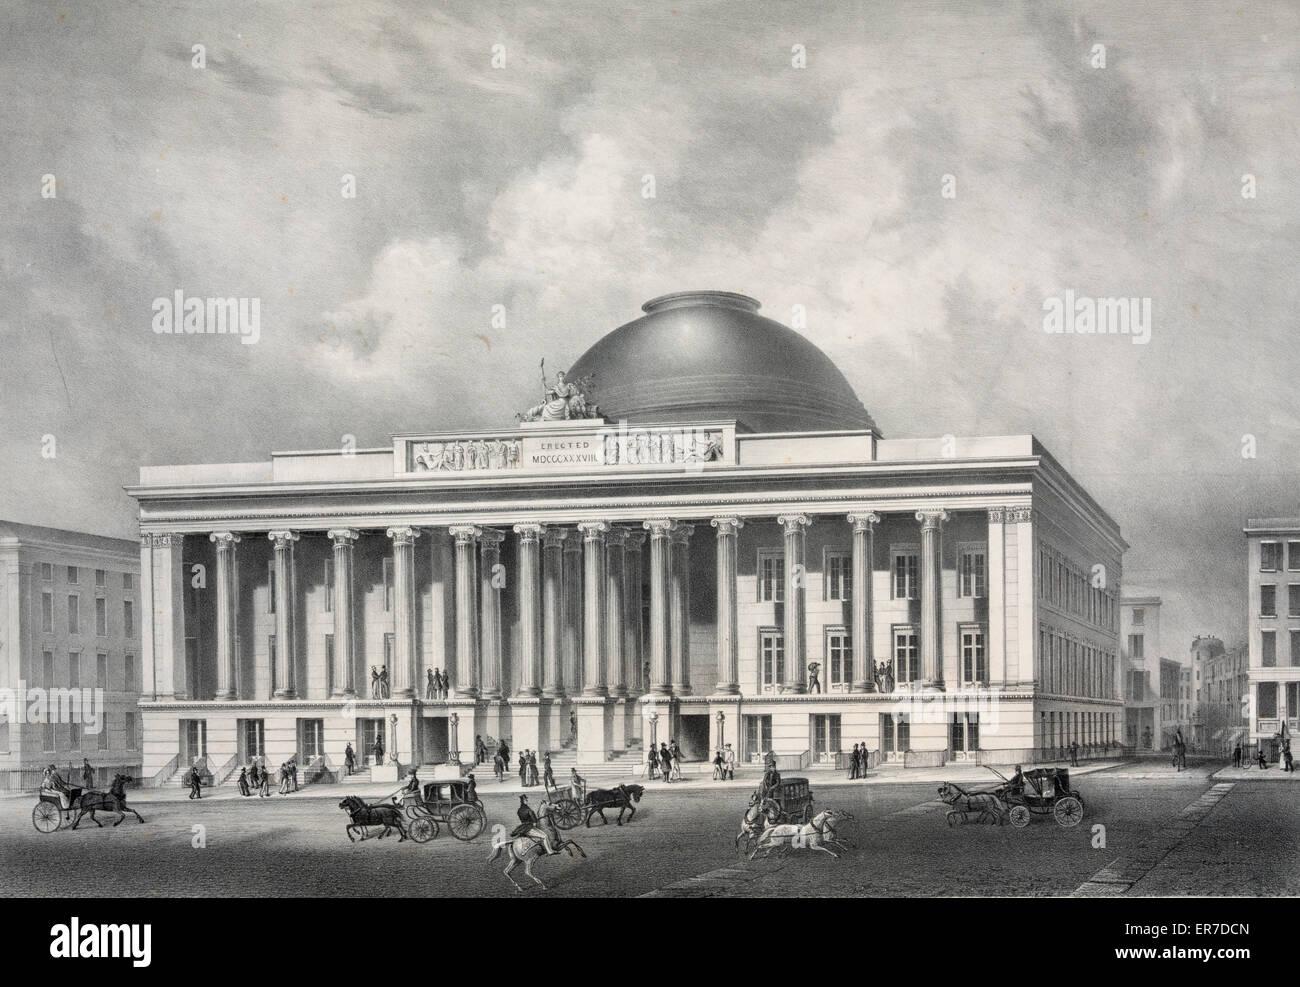 Merchant's Exchange, New York. Date c1837 June 8. - Stock Image